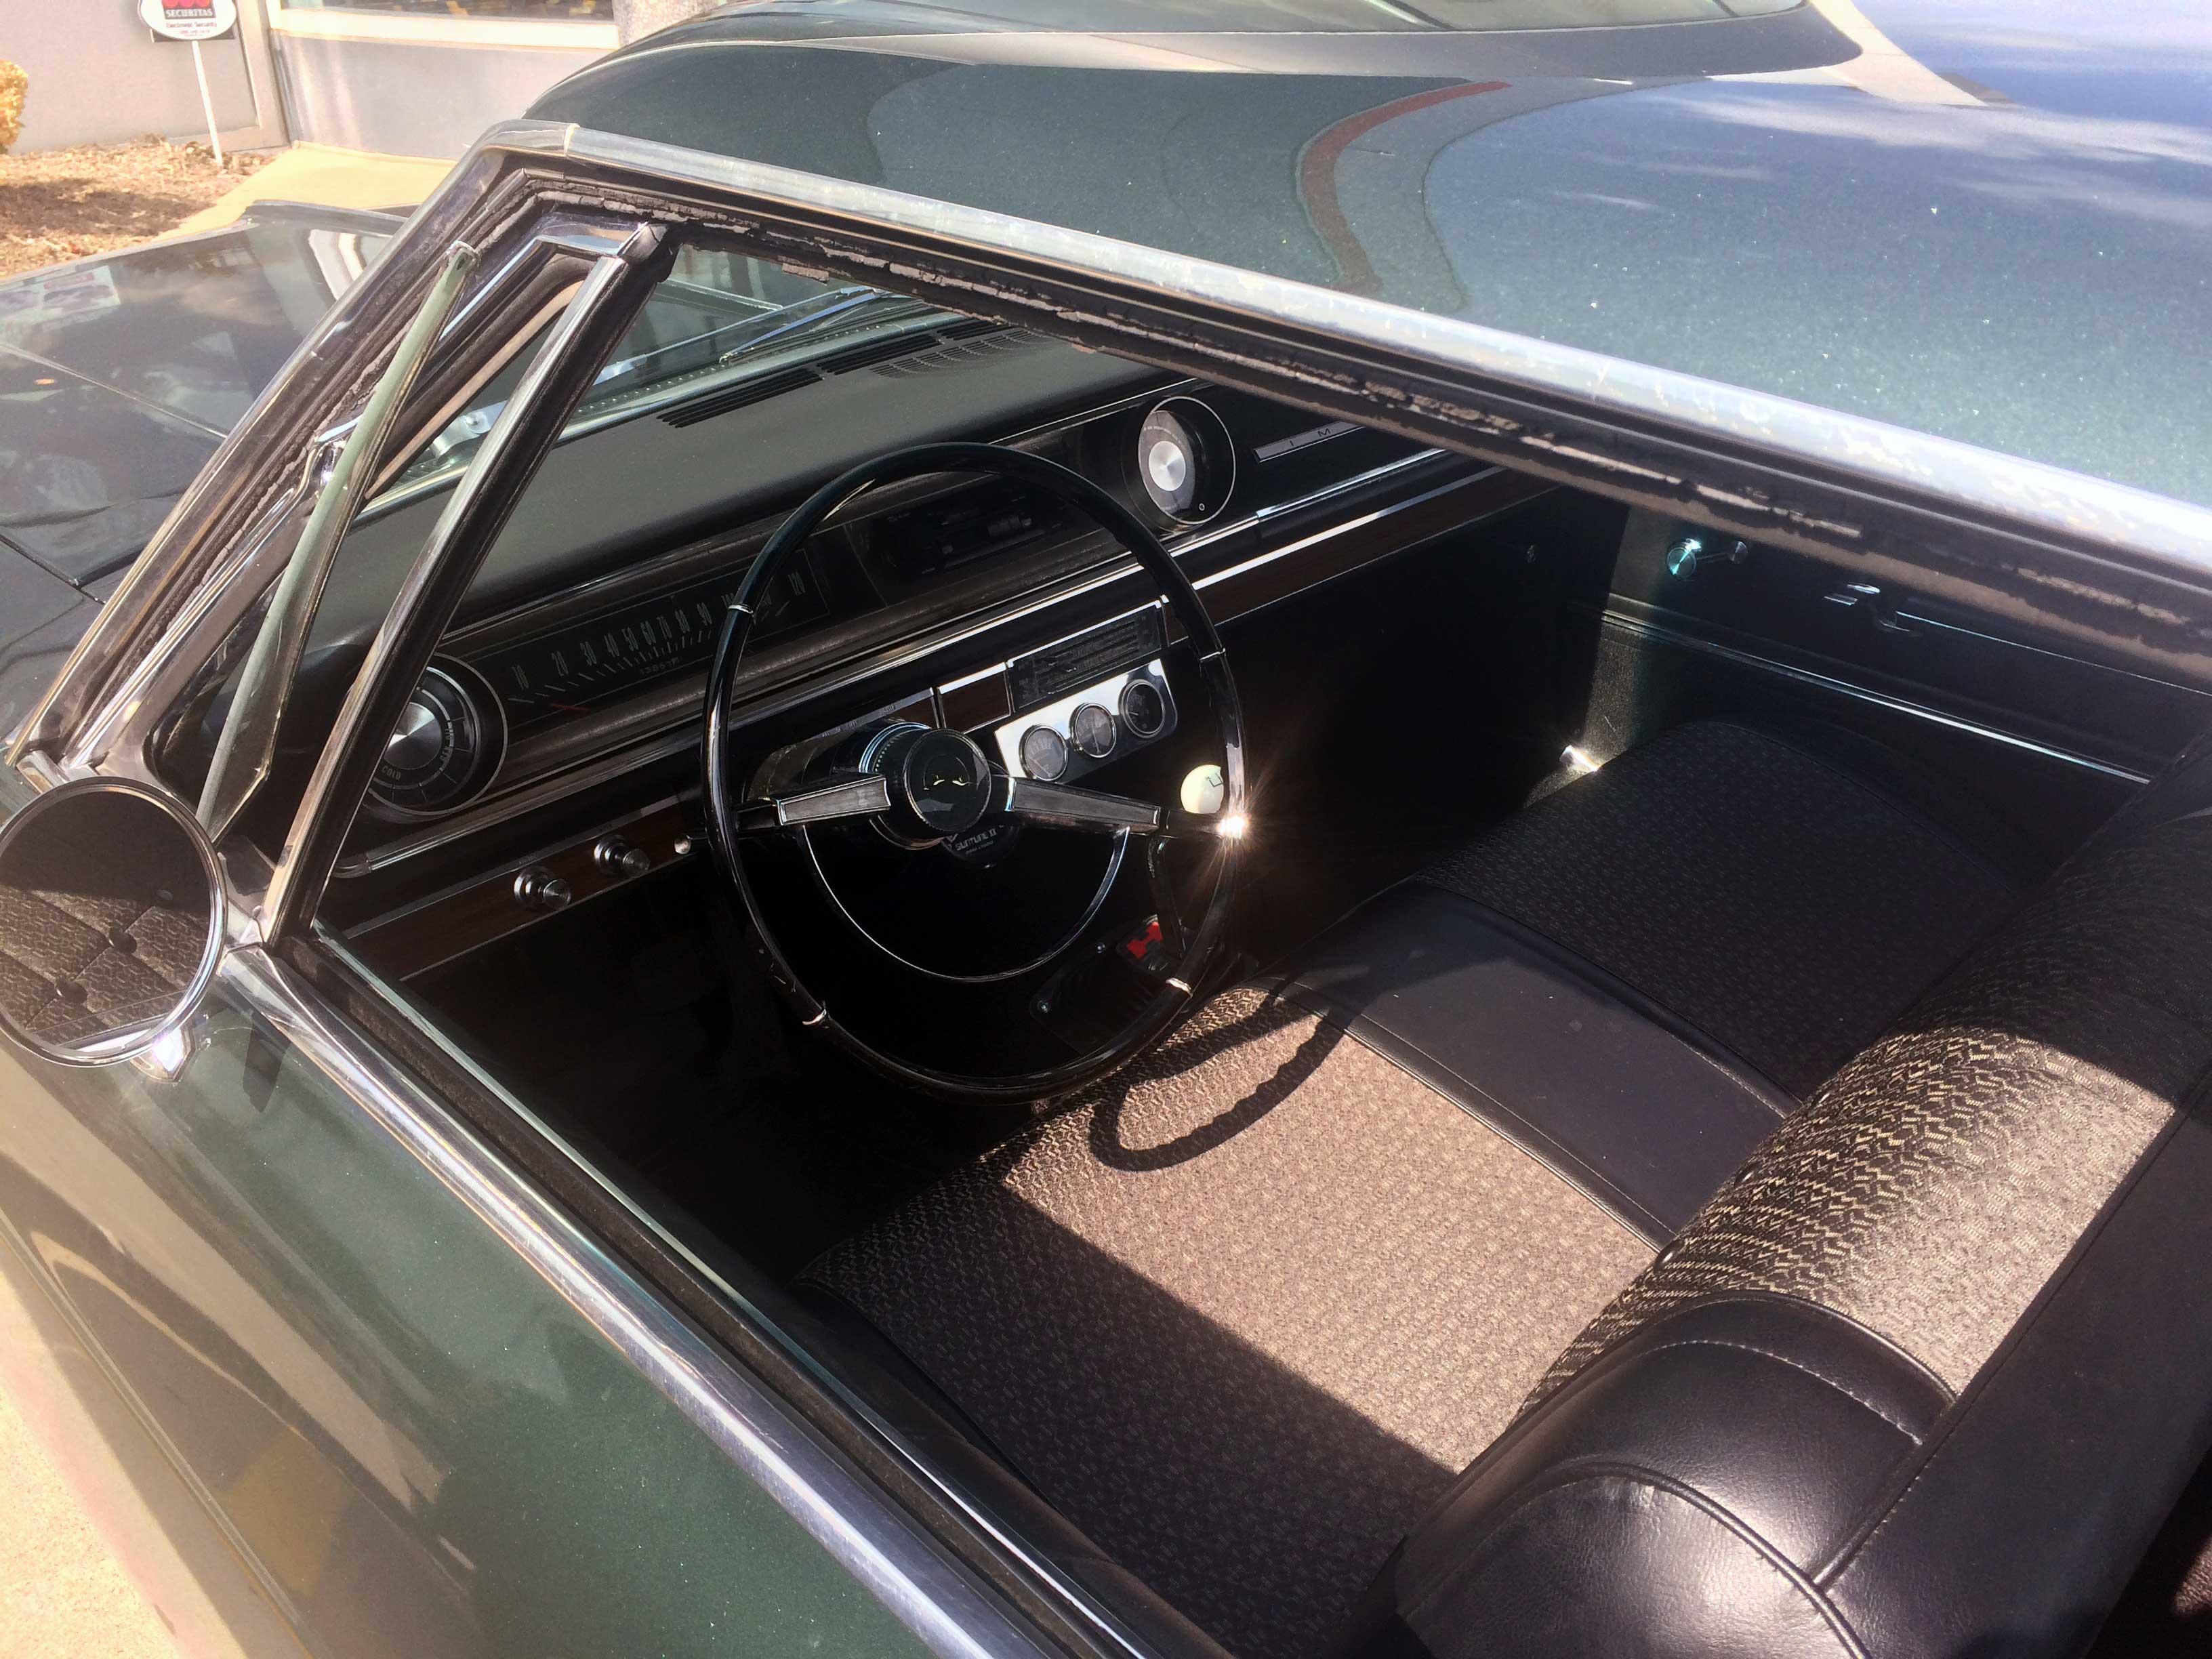 1965-Chevy-Impala-Interior